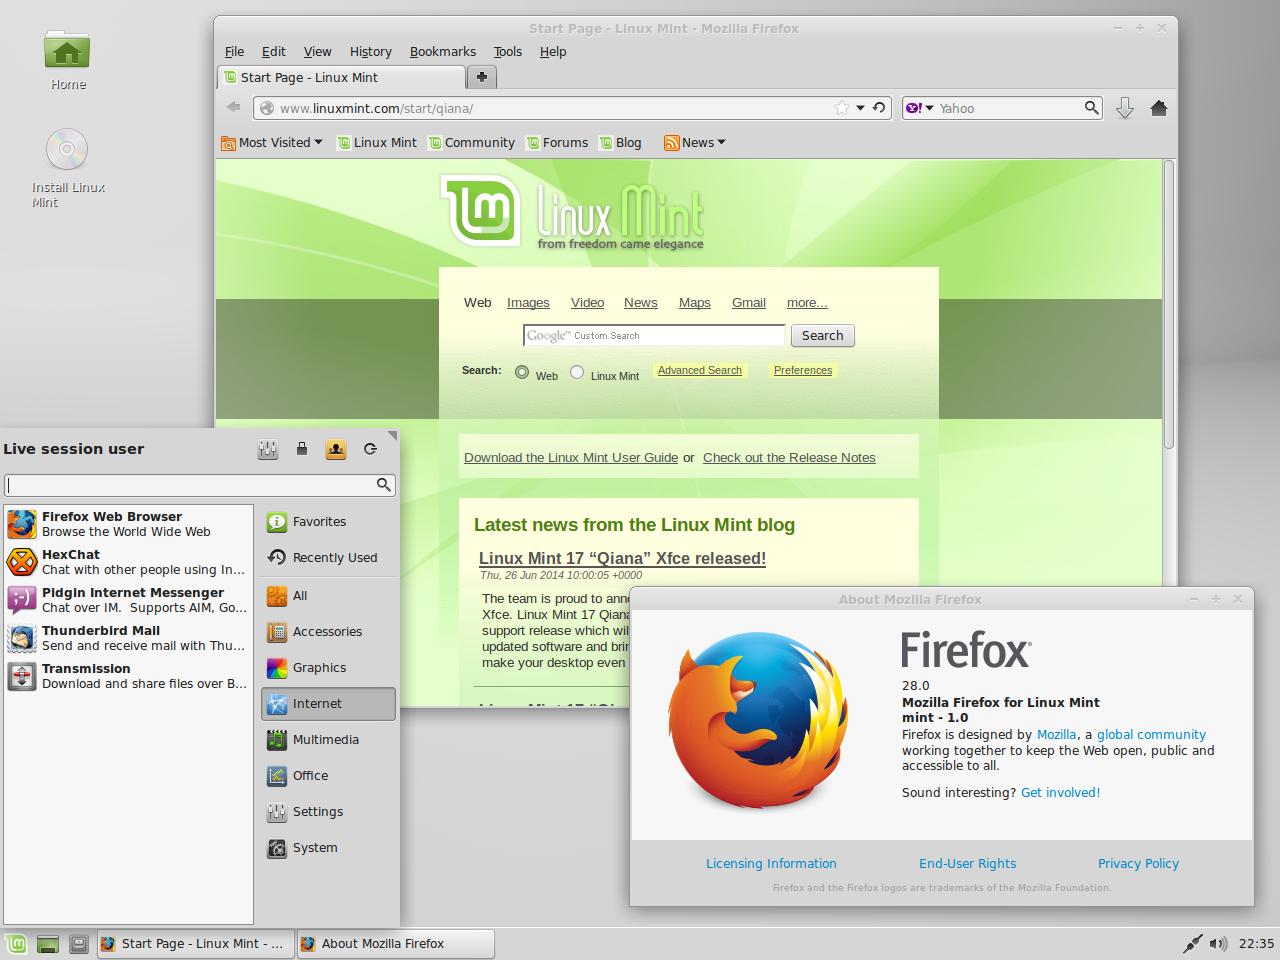 Тор браузер на русском для линукс минт gidra не отображается капча в тор браузере гирда